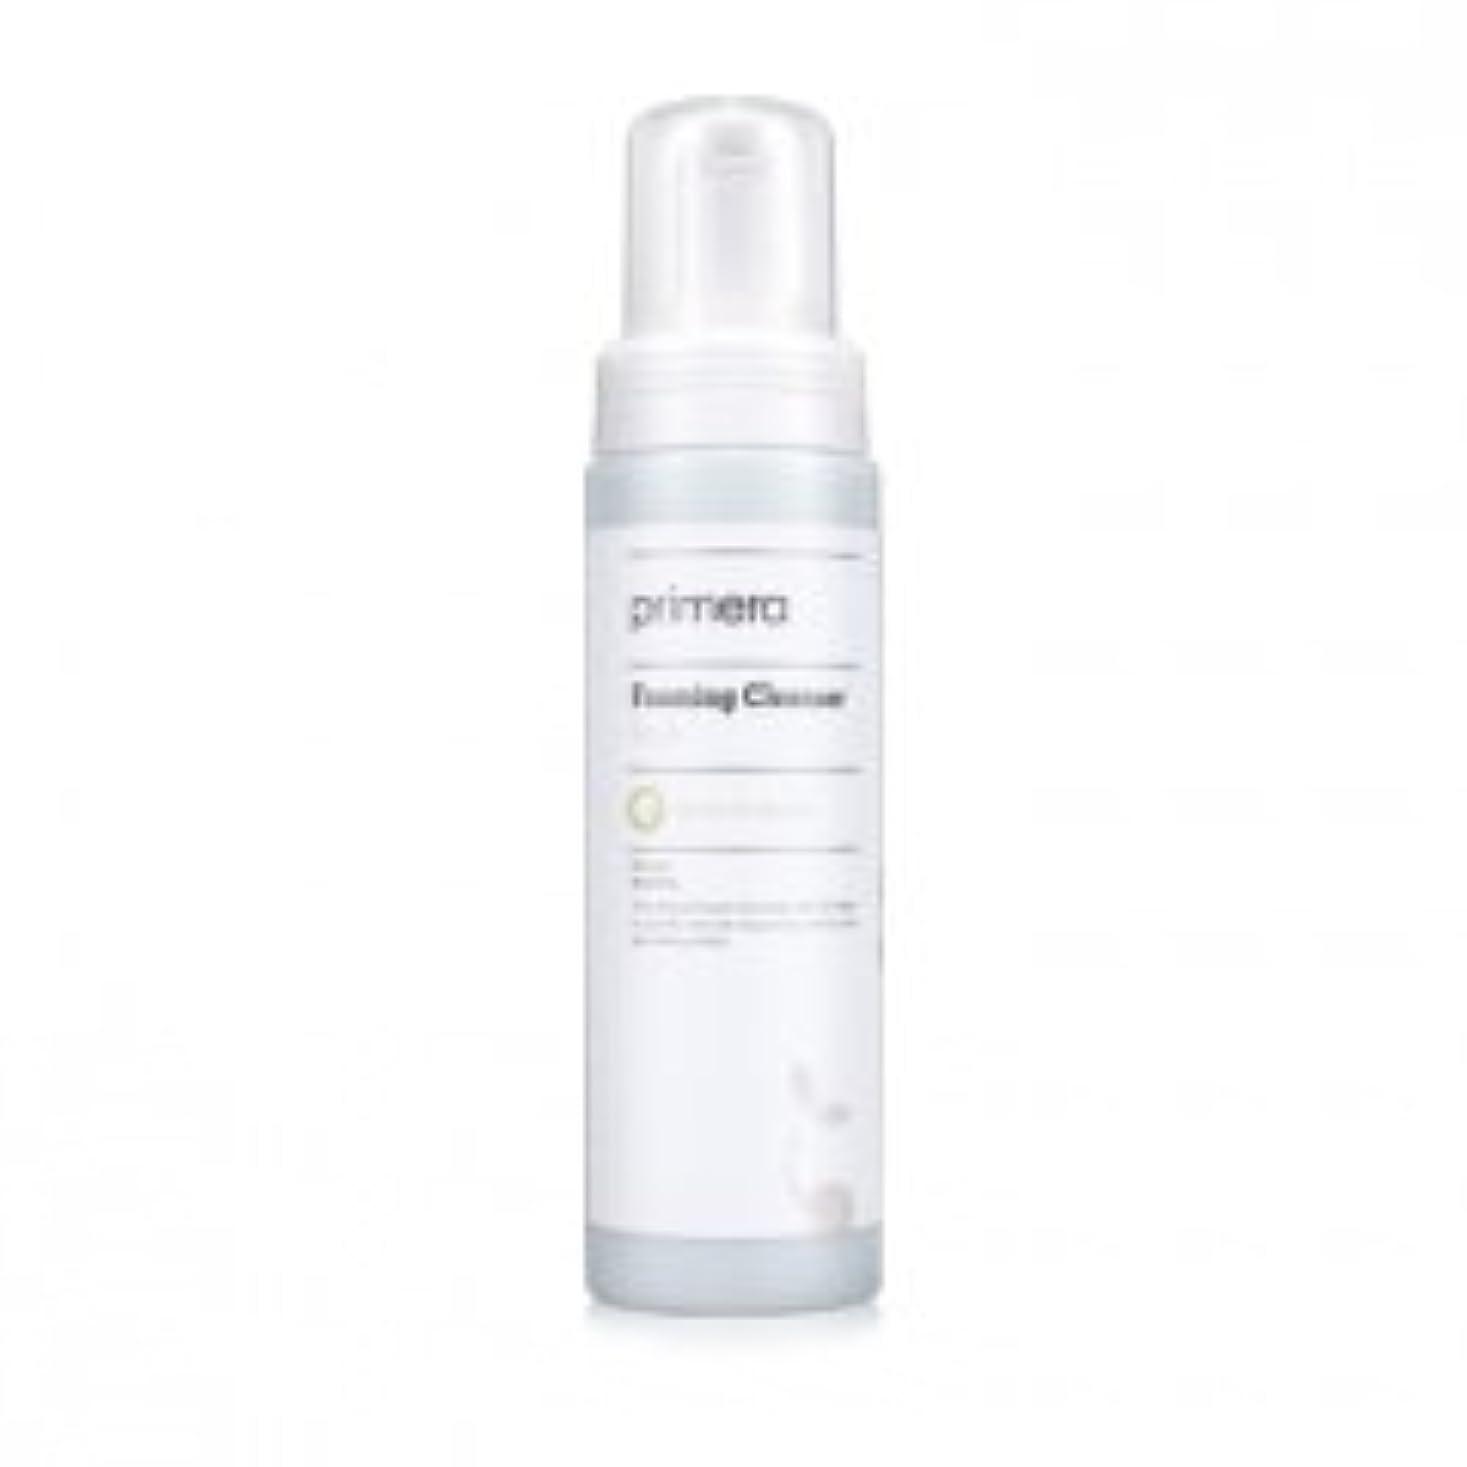 鮮やかな講堂抑止するprimera プリメーラ プリメラ リッチ フォーミング クレンザー 200ml primera foaming cleanser 200ml (洗顔)